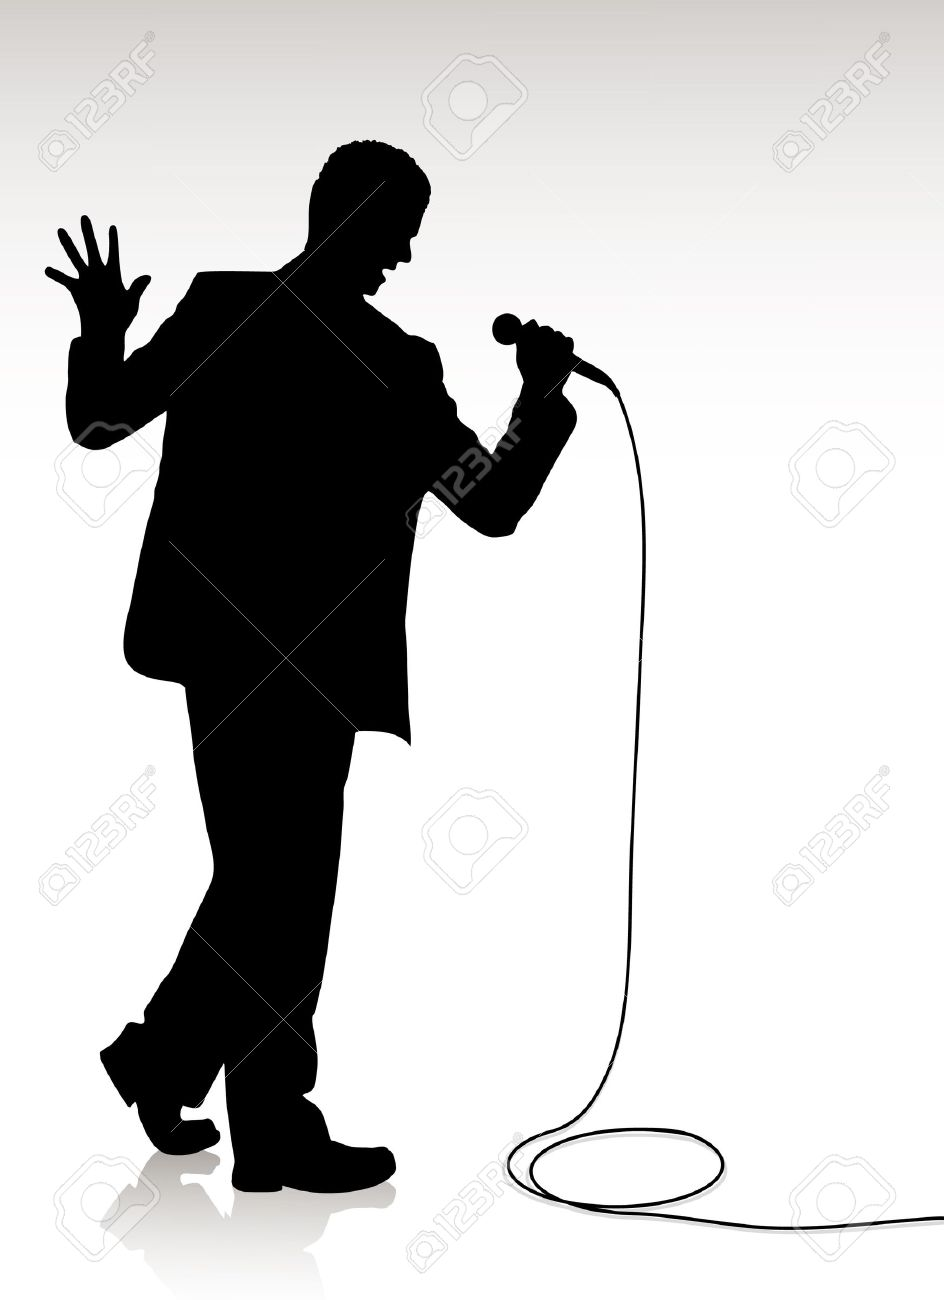 944x1300 Singer Clipart Pop Singer